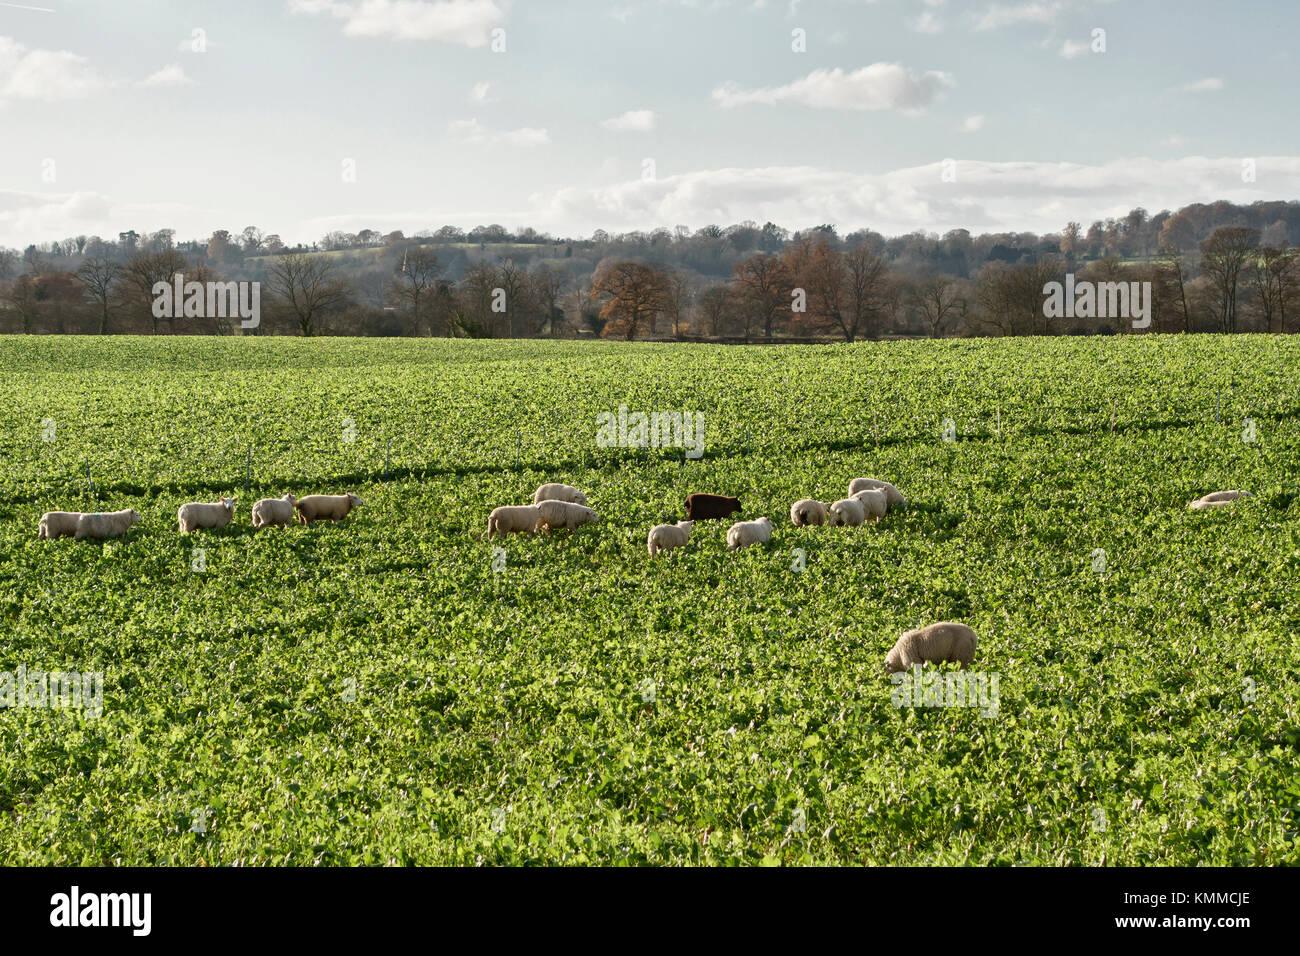 Herefordshire, UK. Ein Feld der Schafe im Winter Beweidung auf die Zucker- oder Futterrüben tops Stockfoto